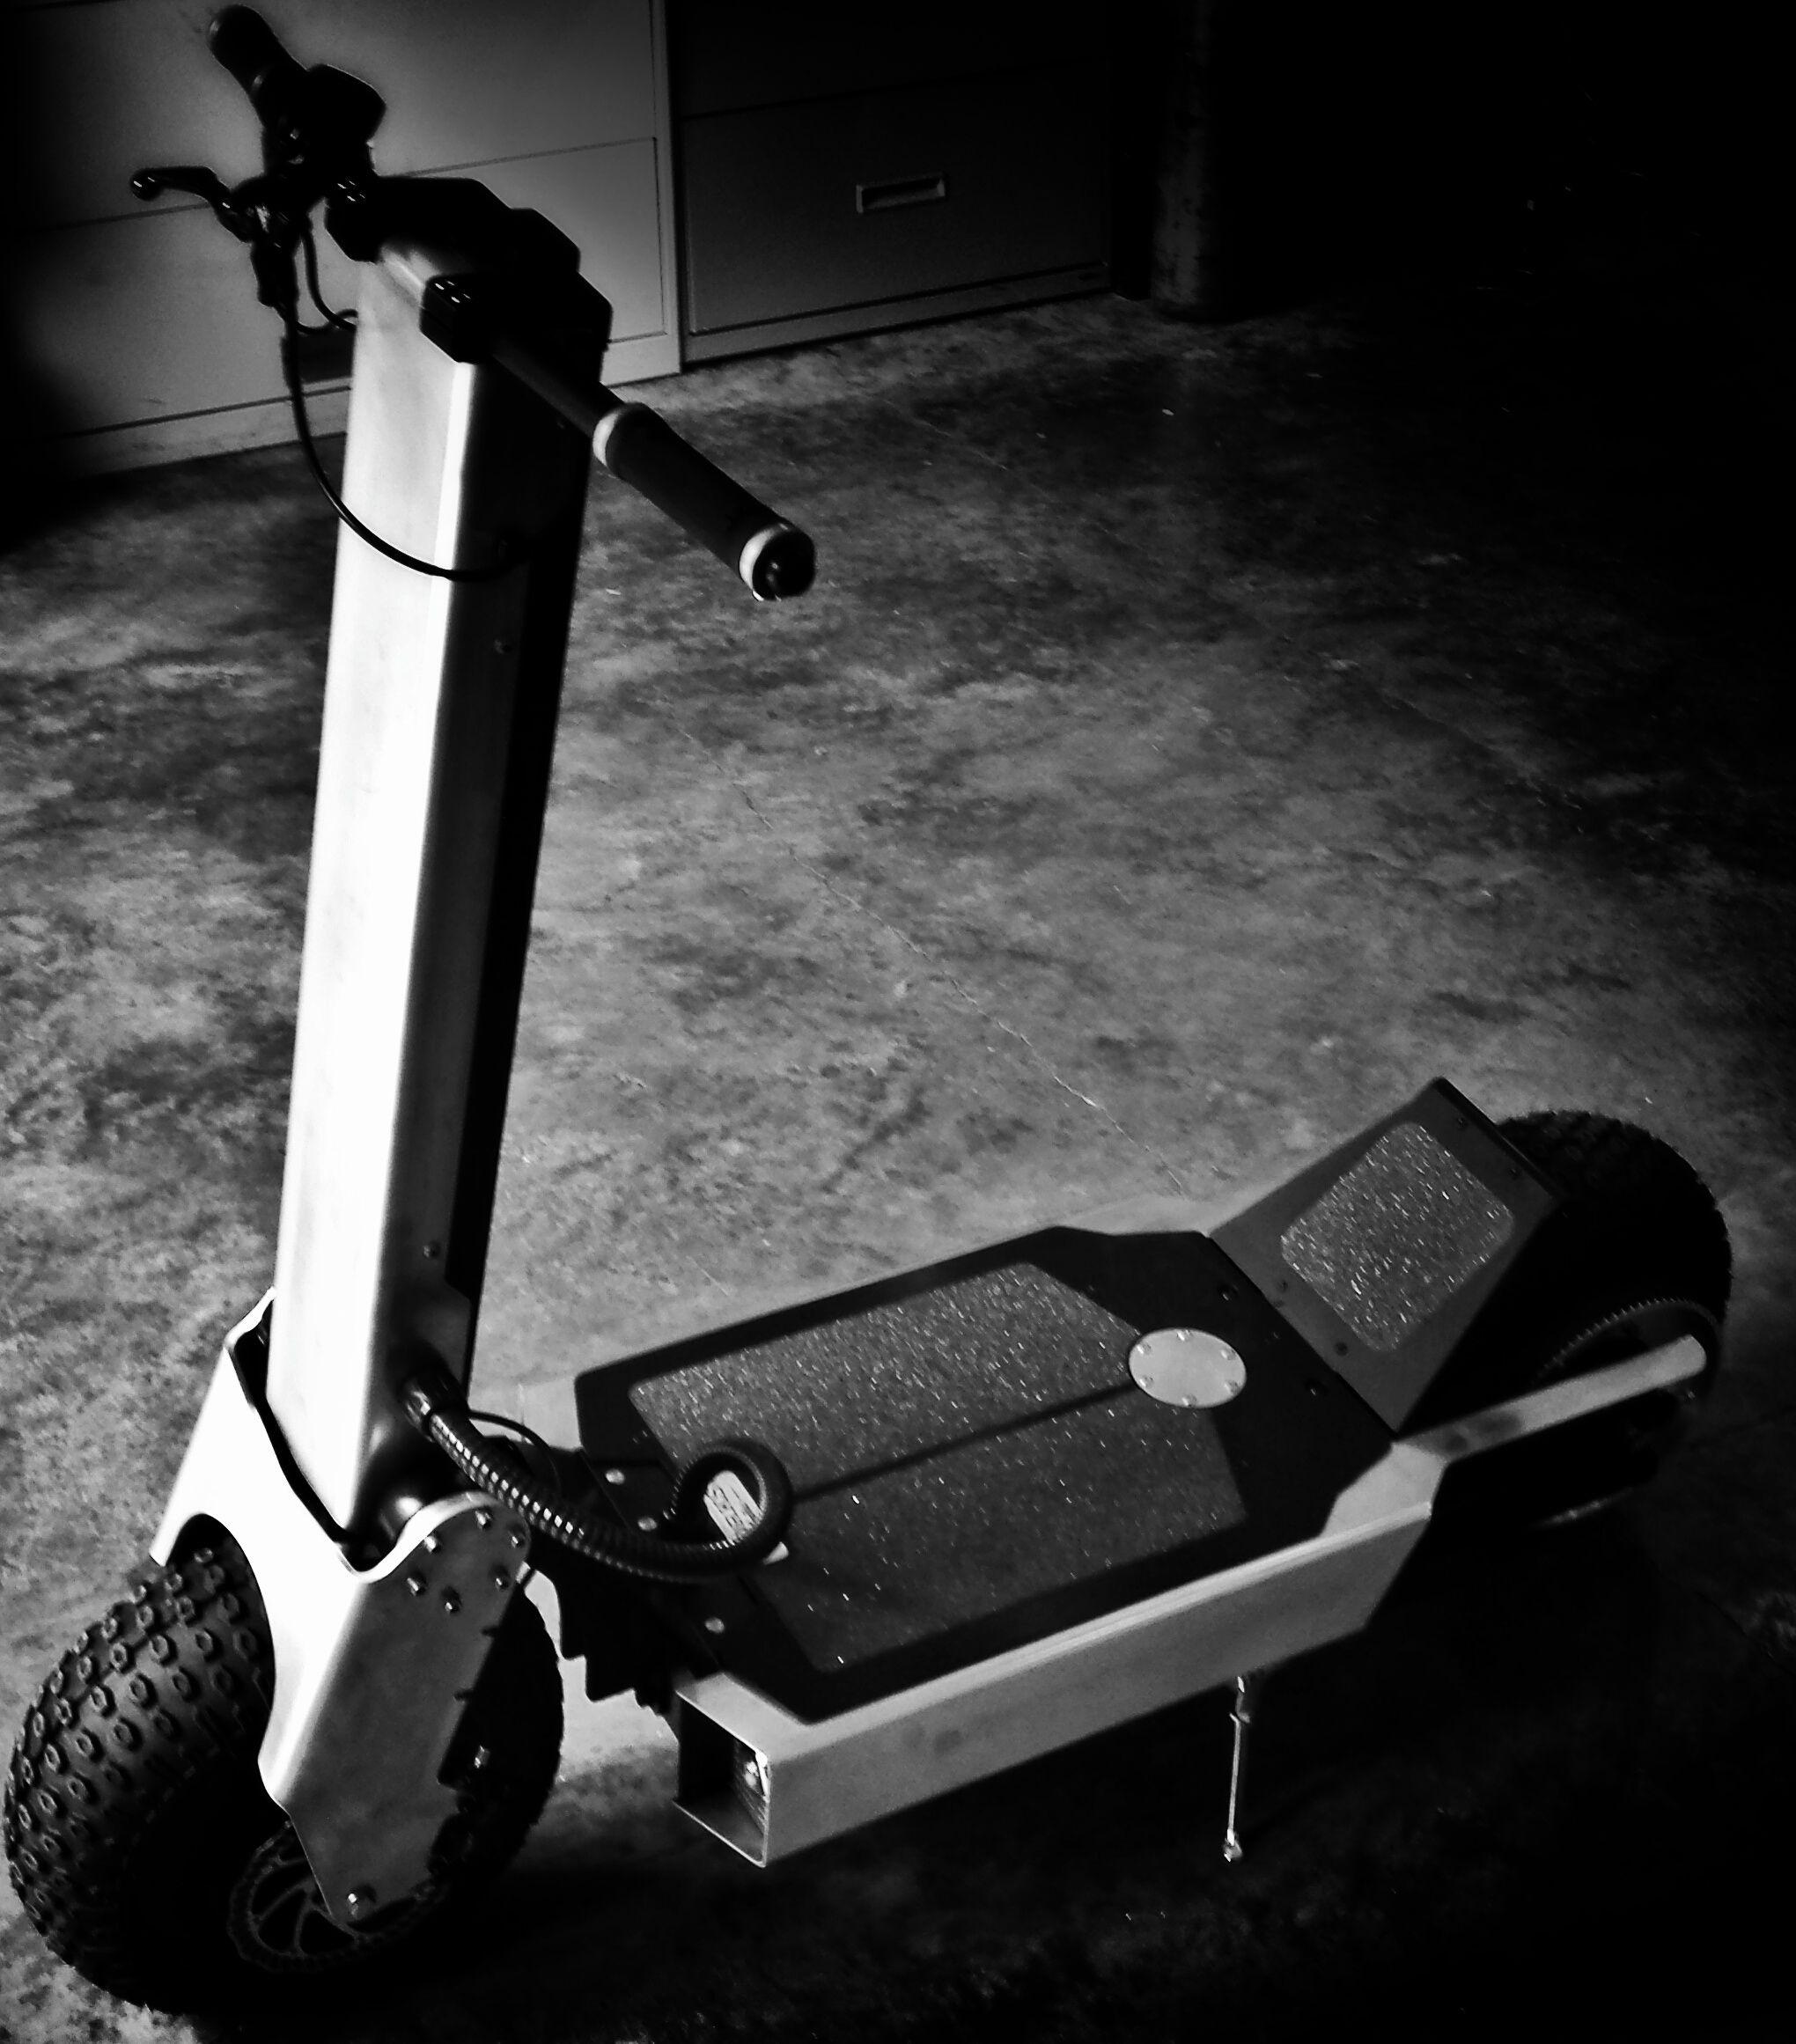 les 25 meilleures id es de la cat gorie scooter 3 roues sur pinterest vieux ours en peluche. Black Bedroom Furniture Sets. Home Design Ideas